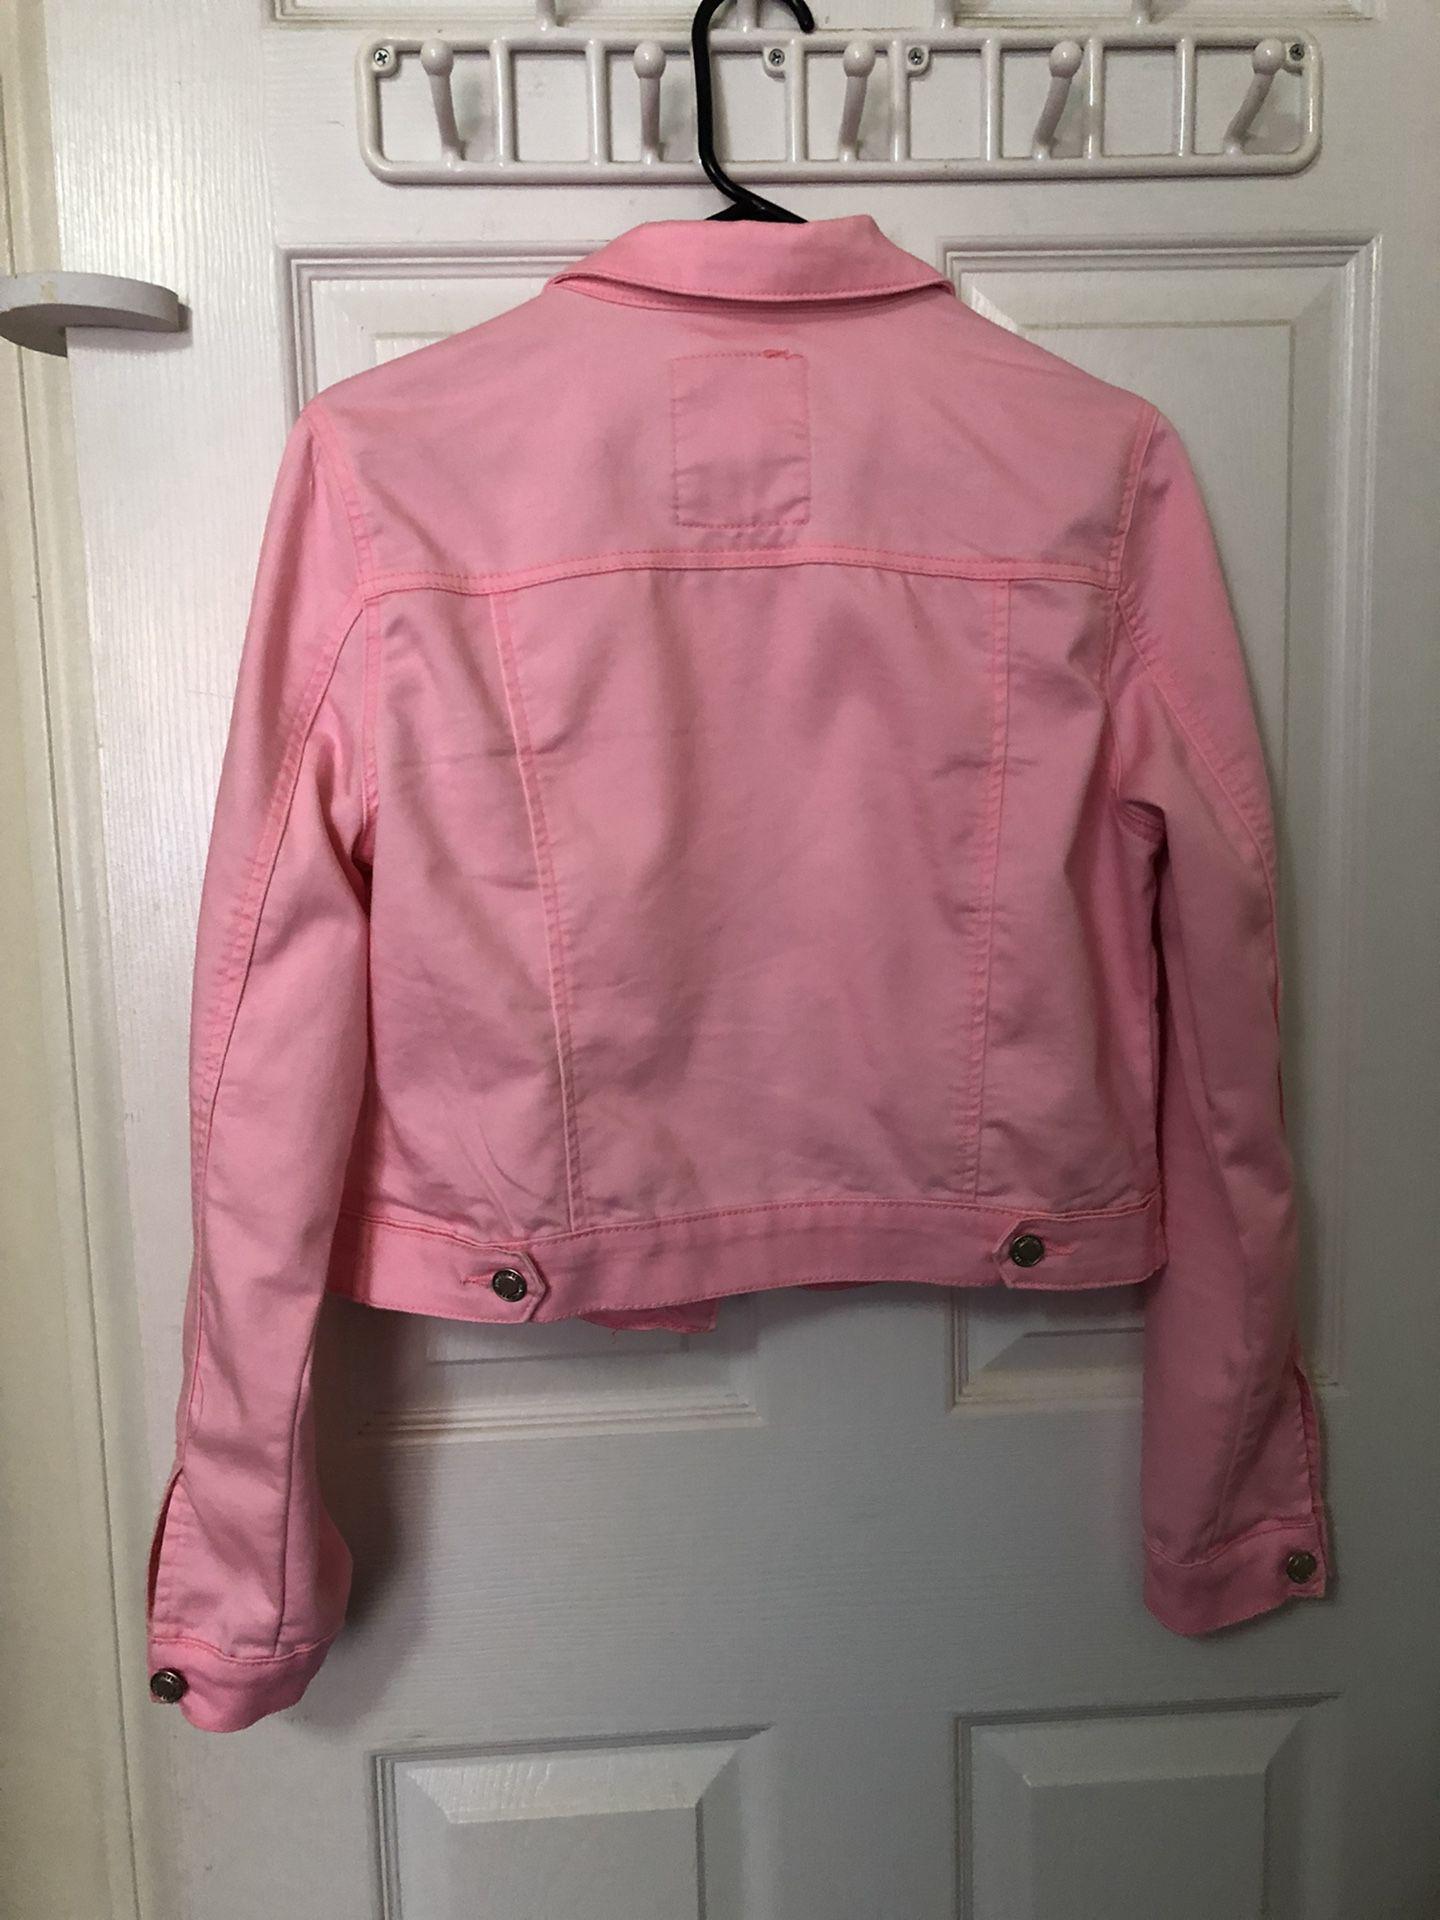 Jacket Size Large    Each